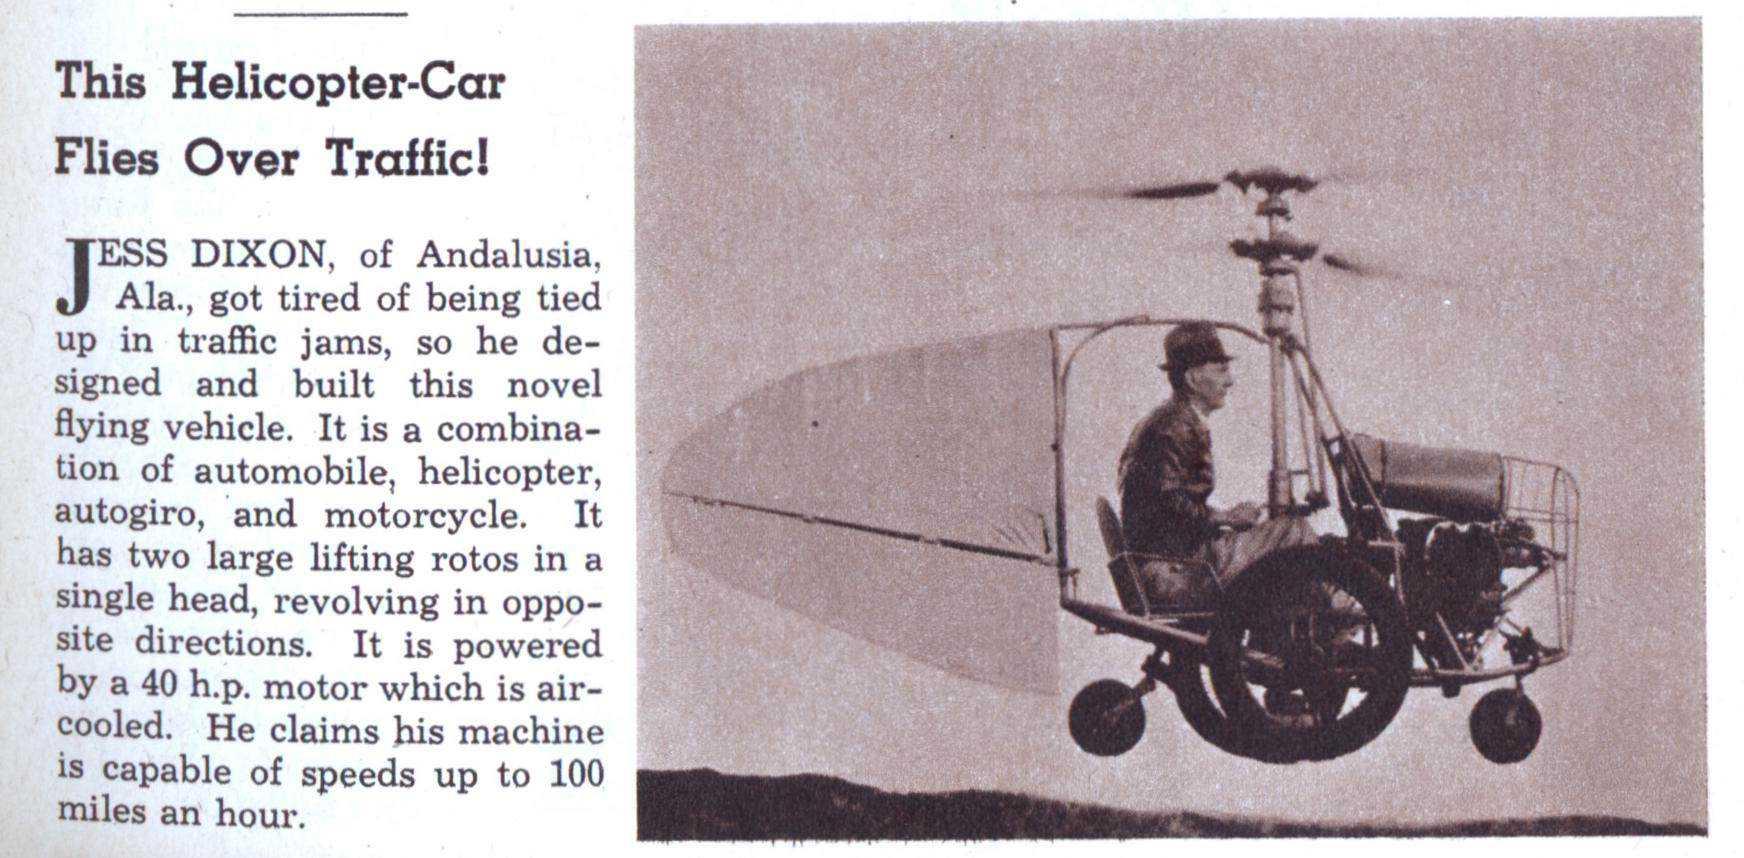 helicopter car Mais um carro voador bizarro